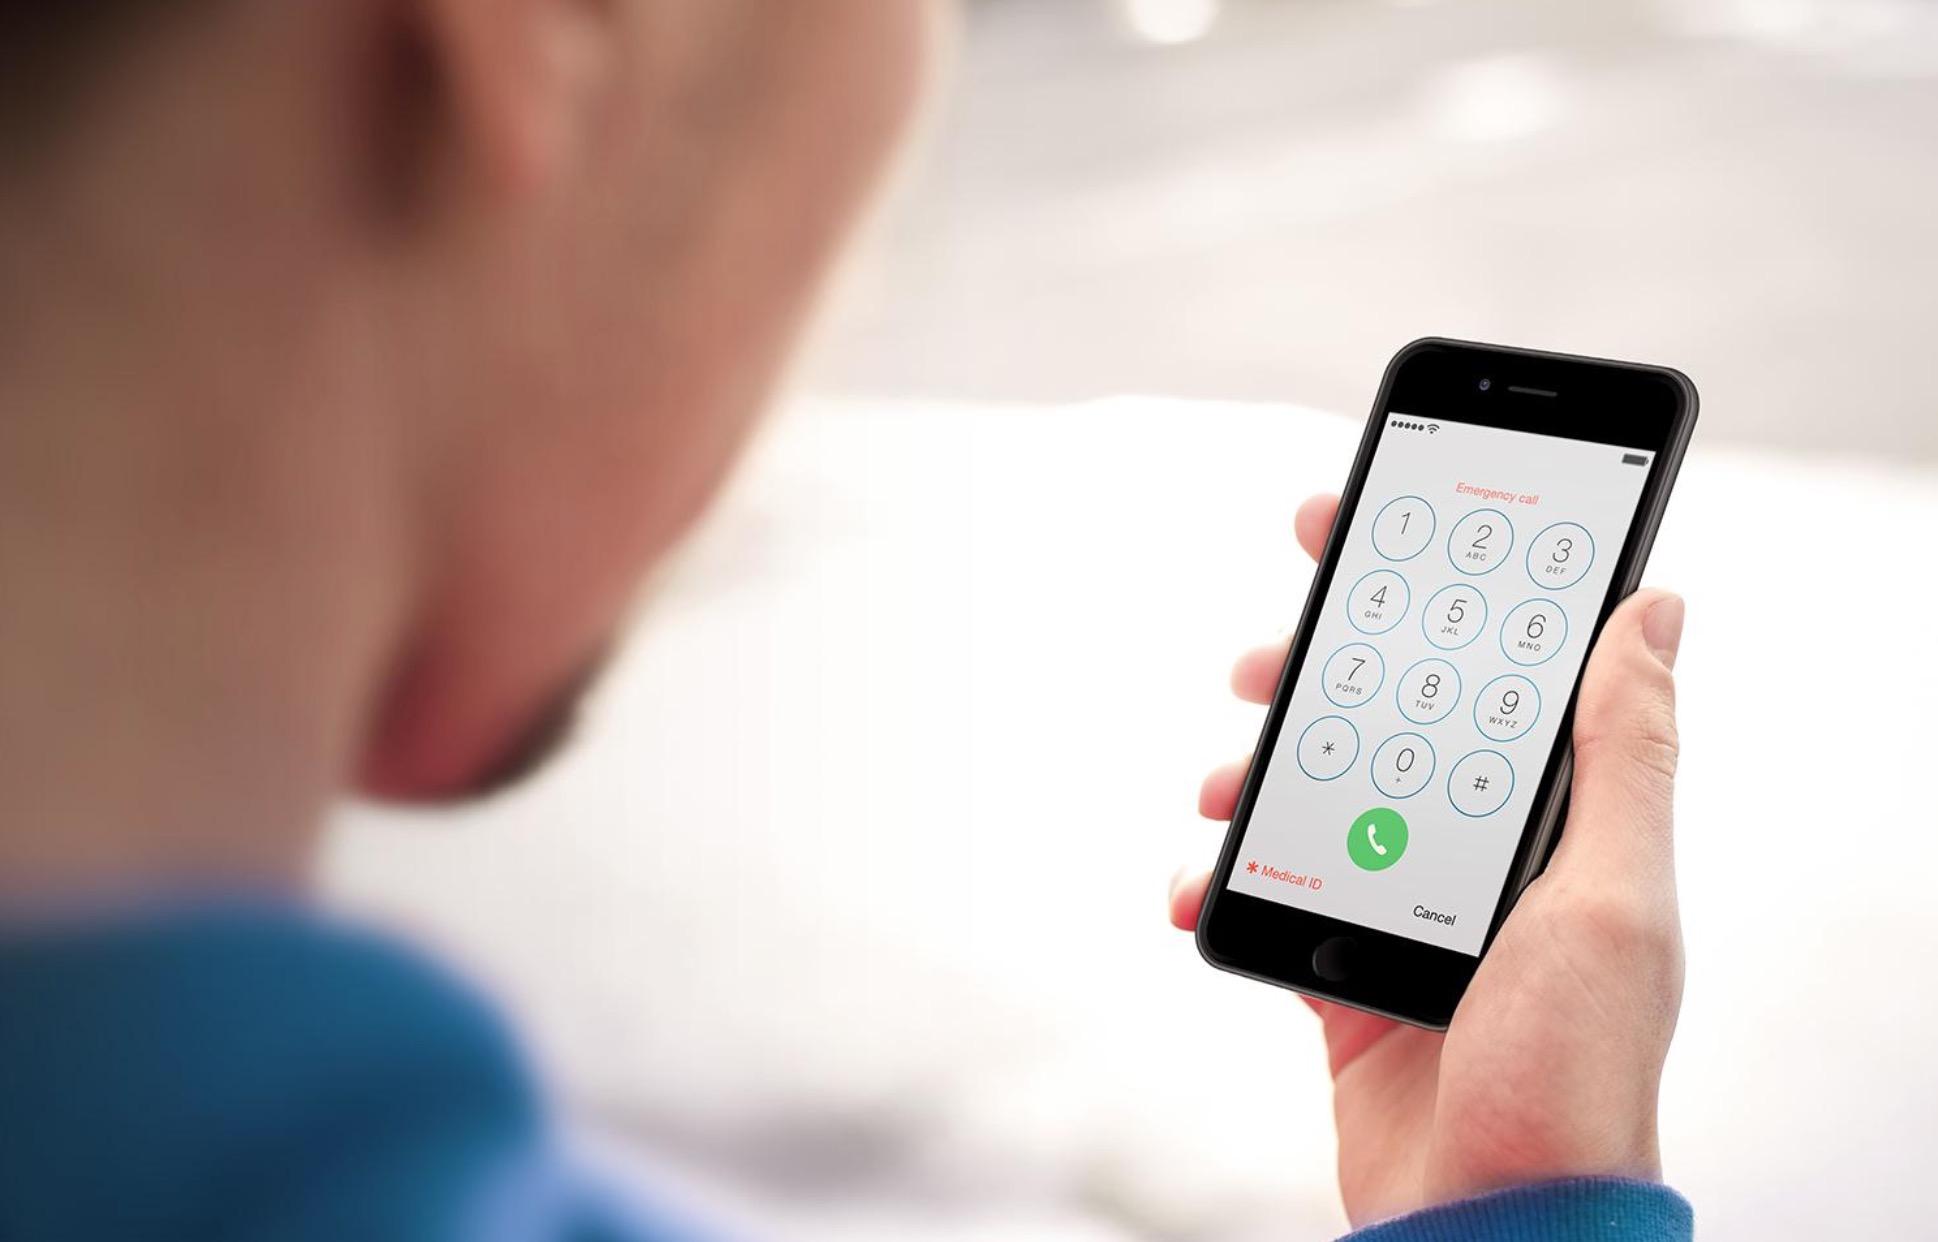 Le migliori app per bloccare numeri